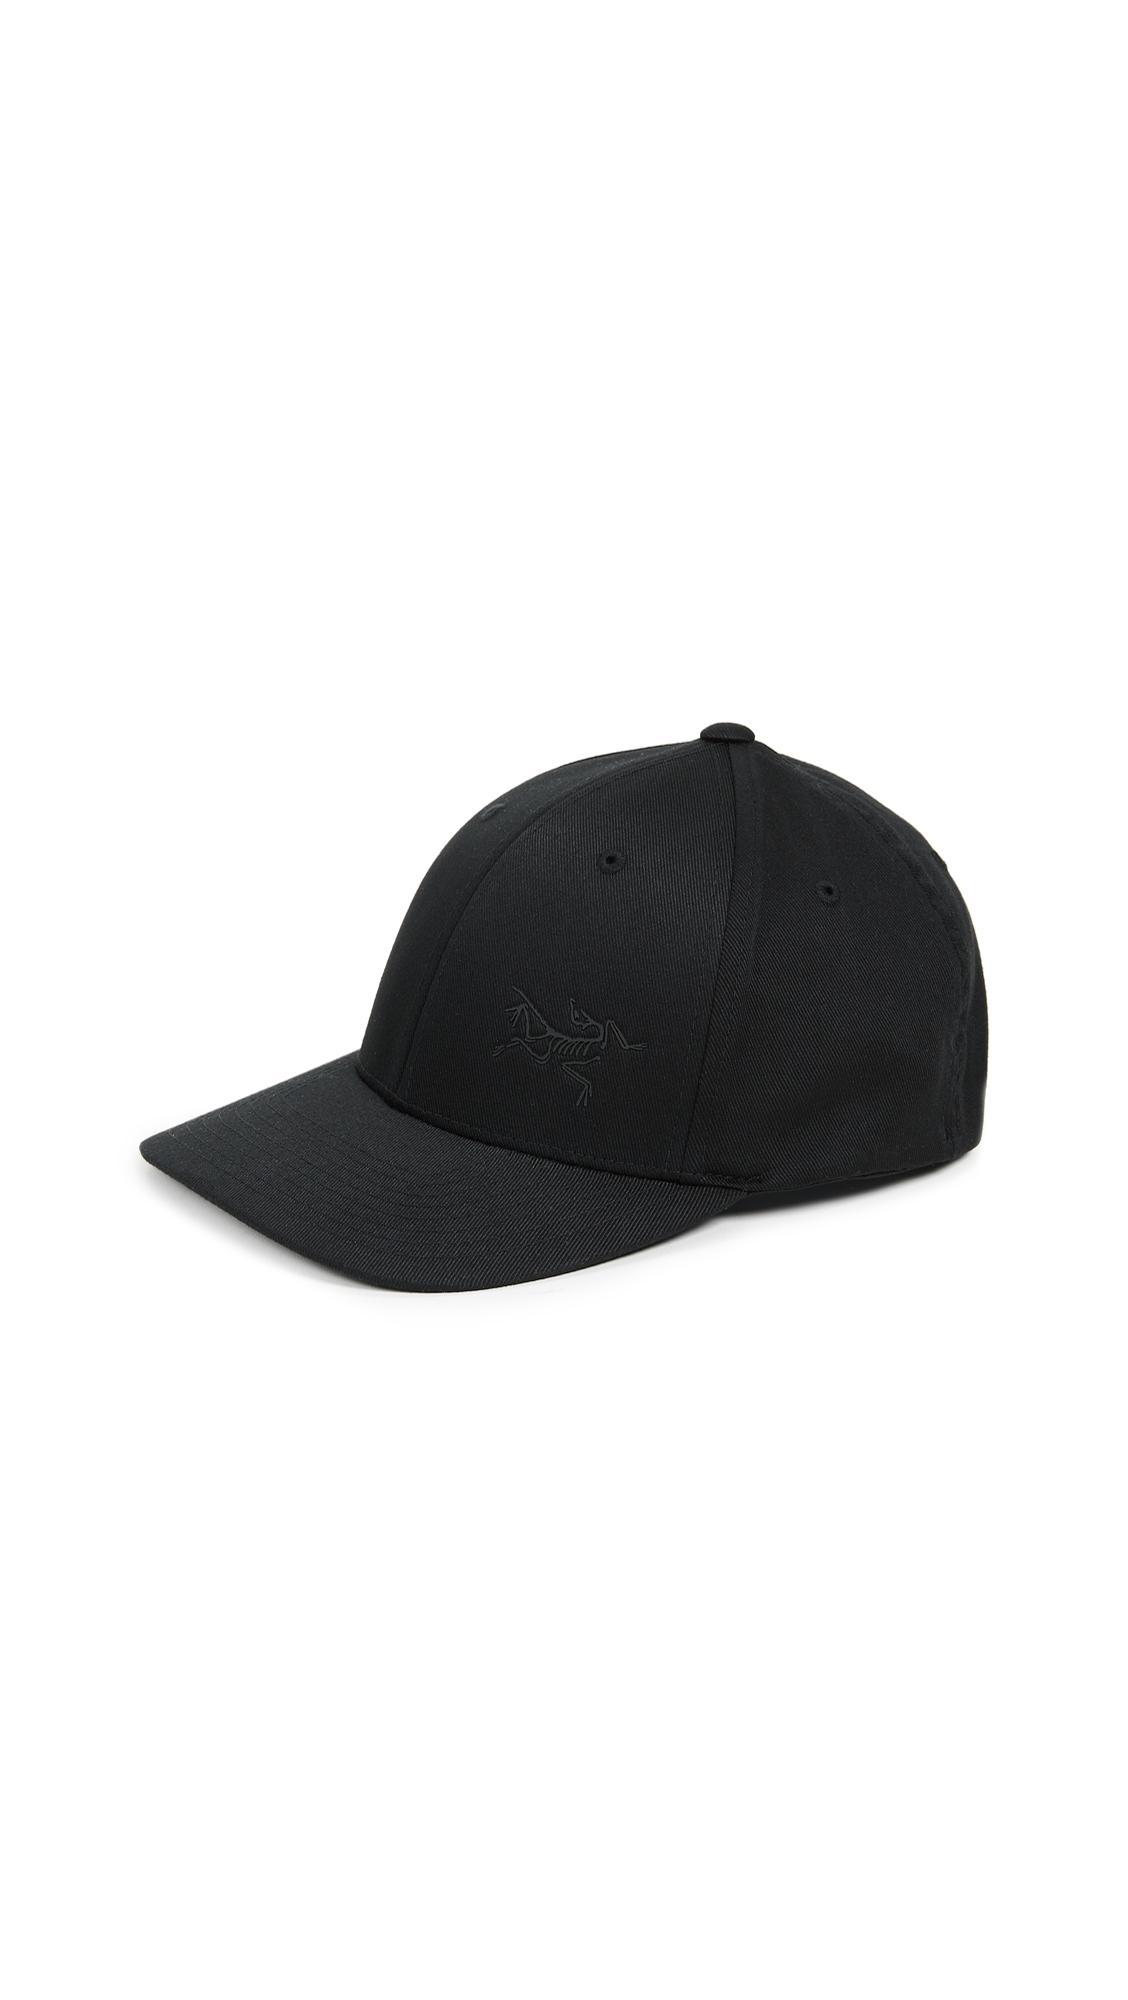 c8fb0770ab2 Arc Teryx Bird Cap In Black